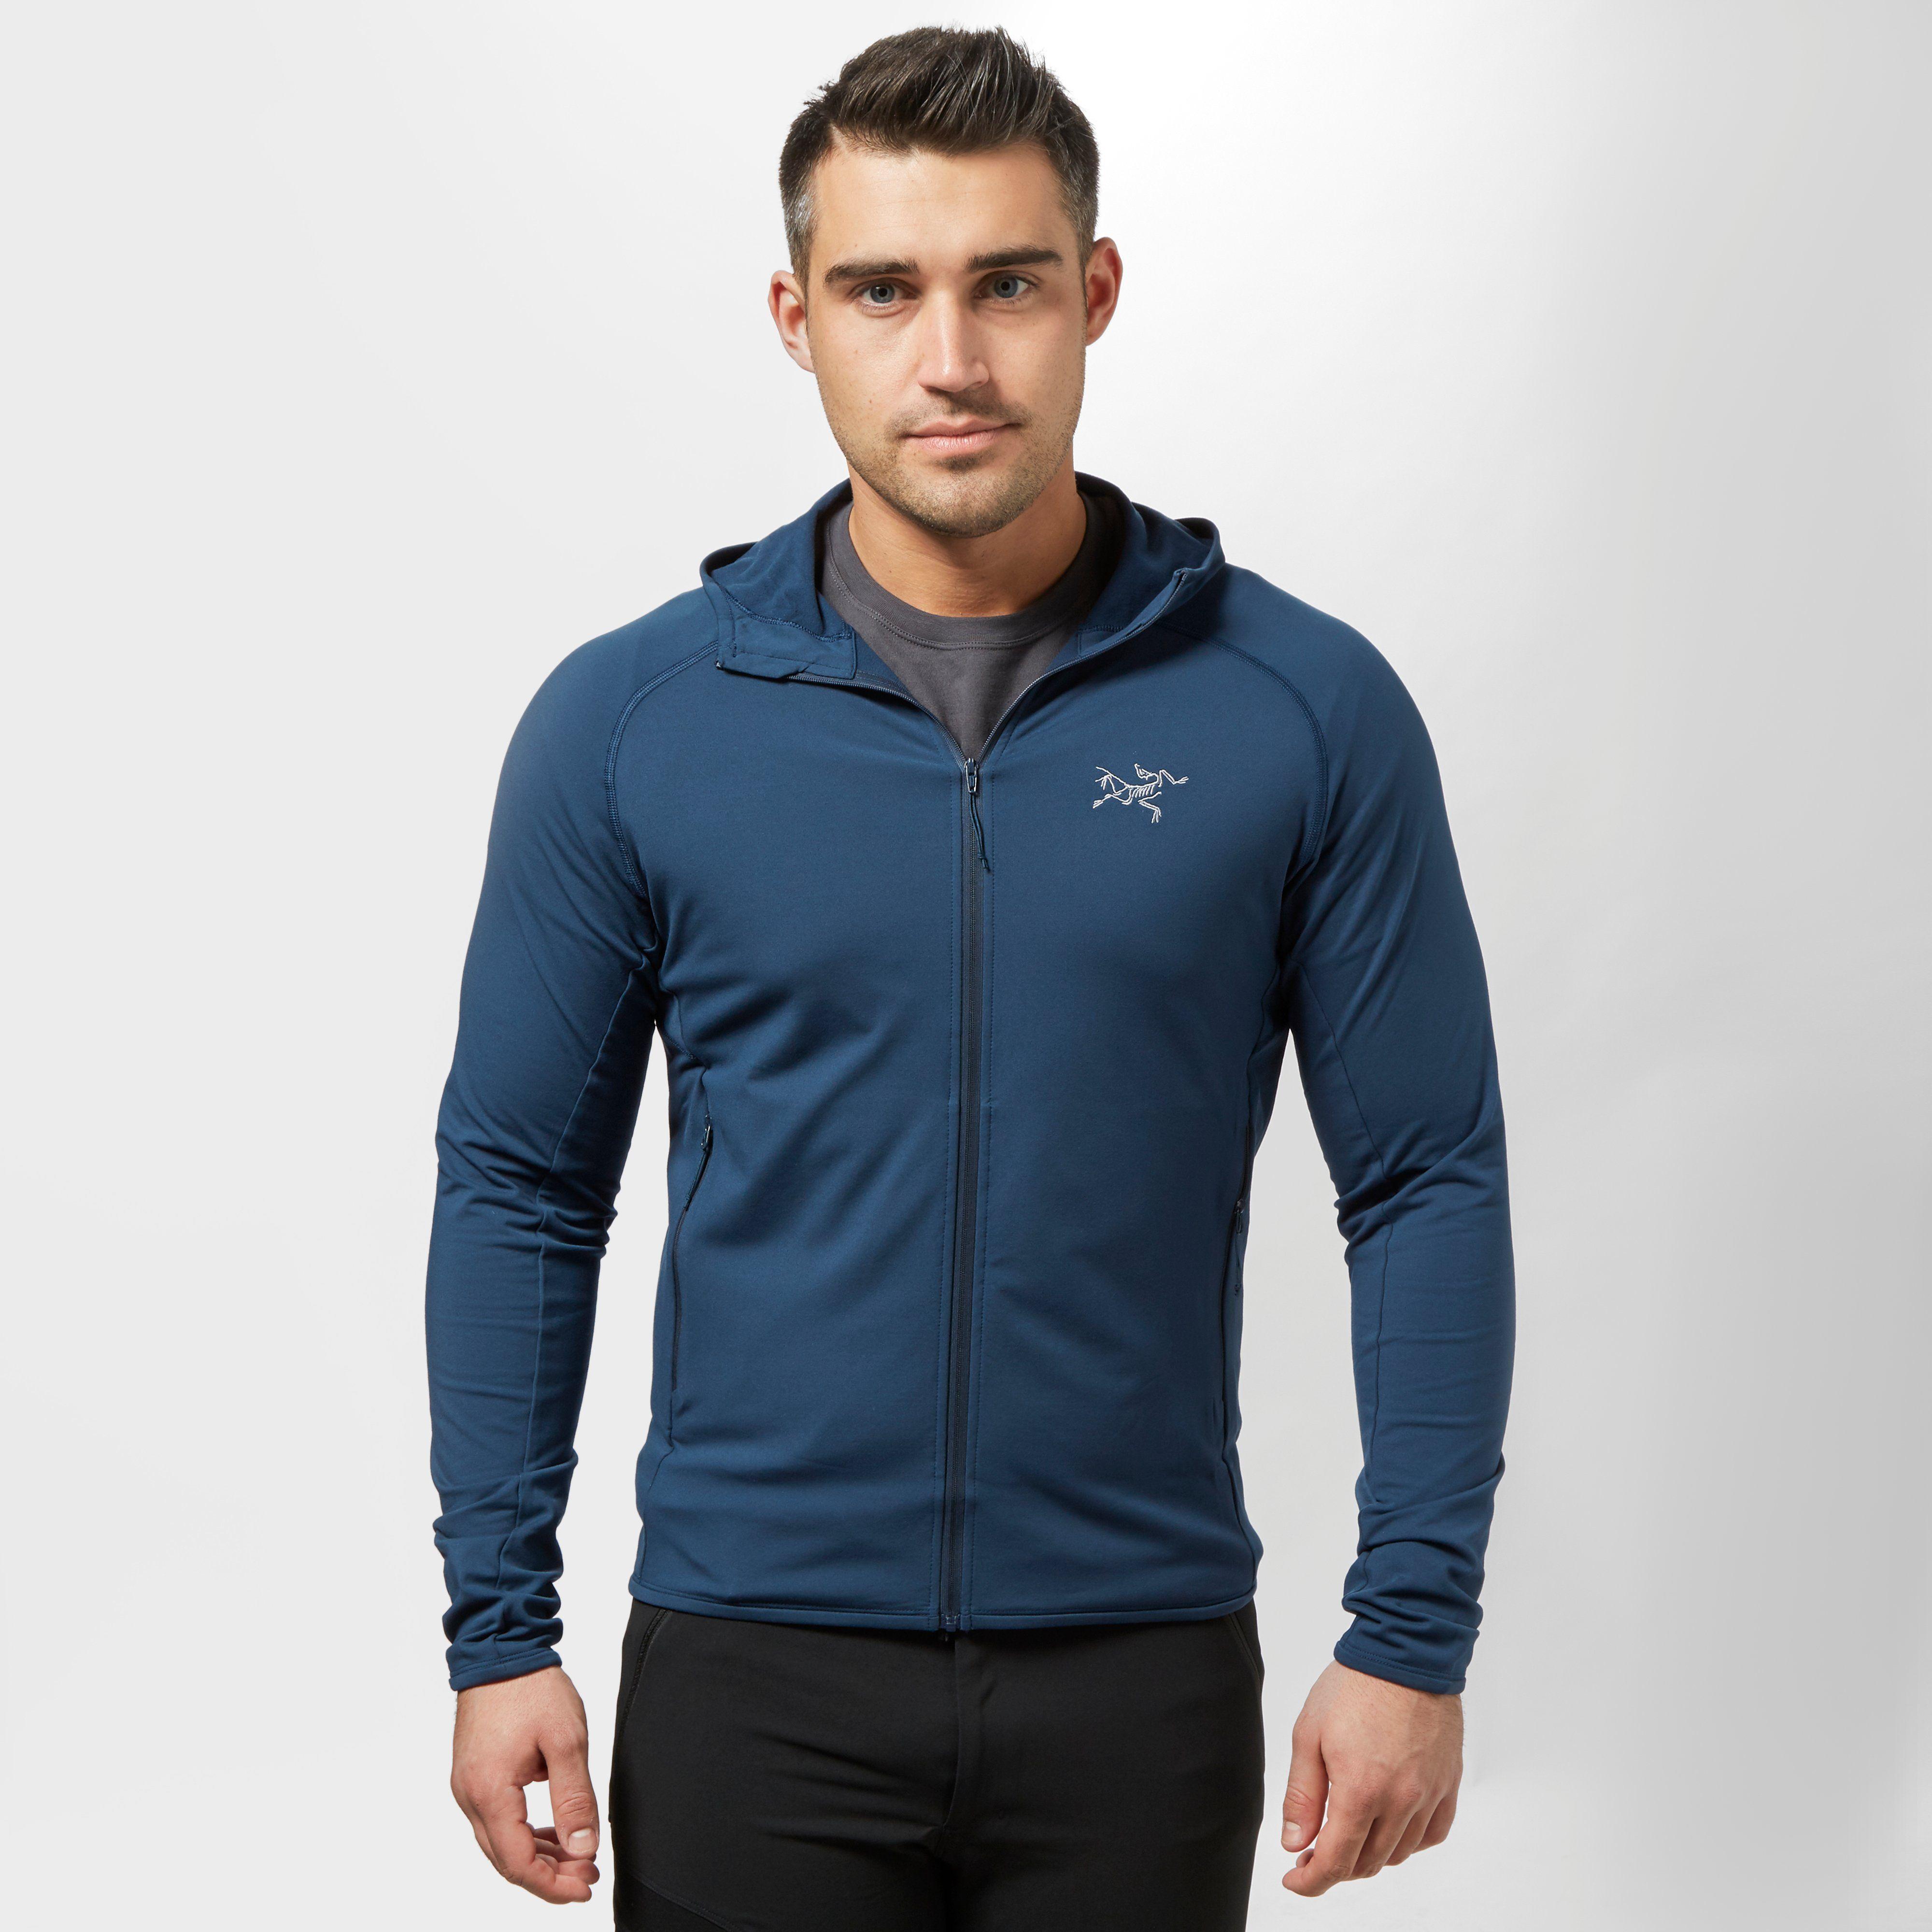 ARC'TERYX Men's Adahy Hooded Jacket